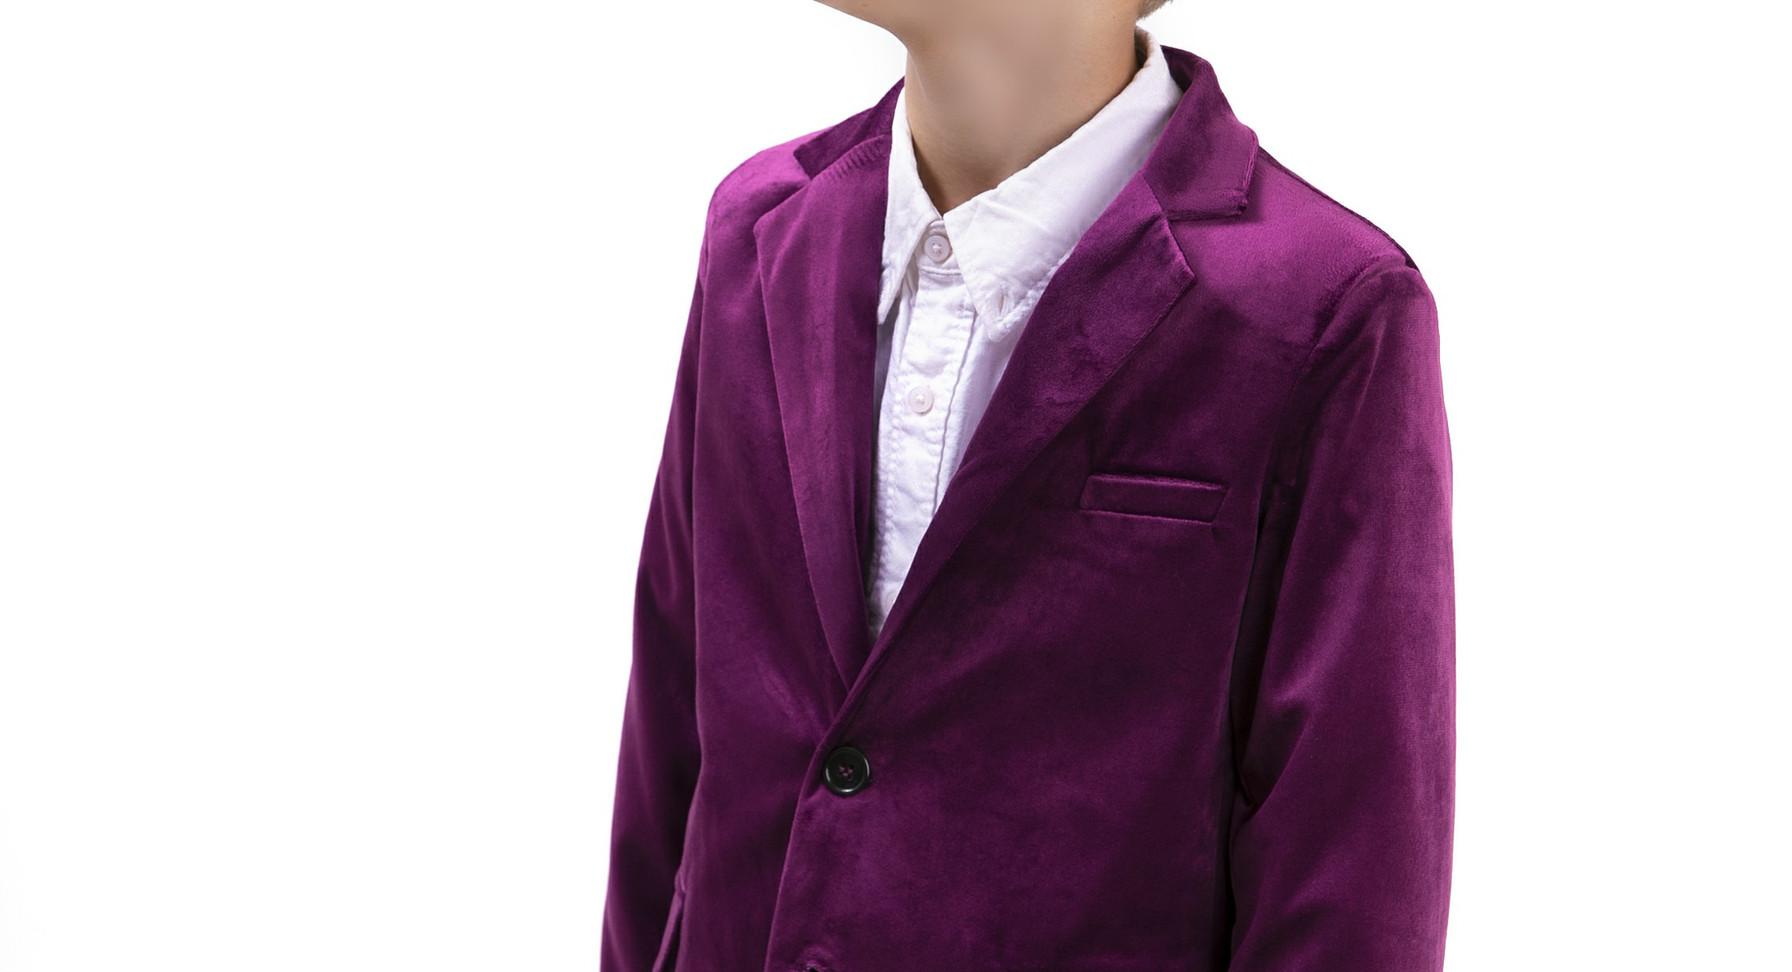 חליפה קטיפה malaya | מאליה אופנת ילדים